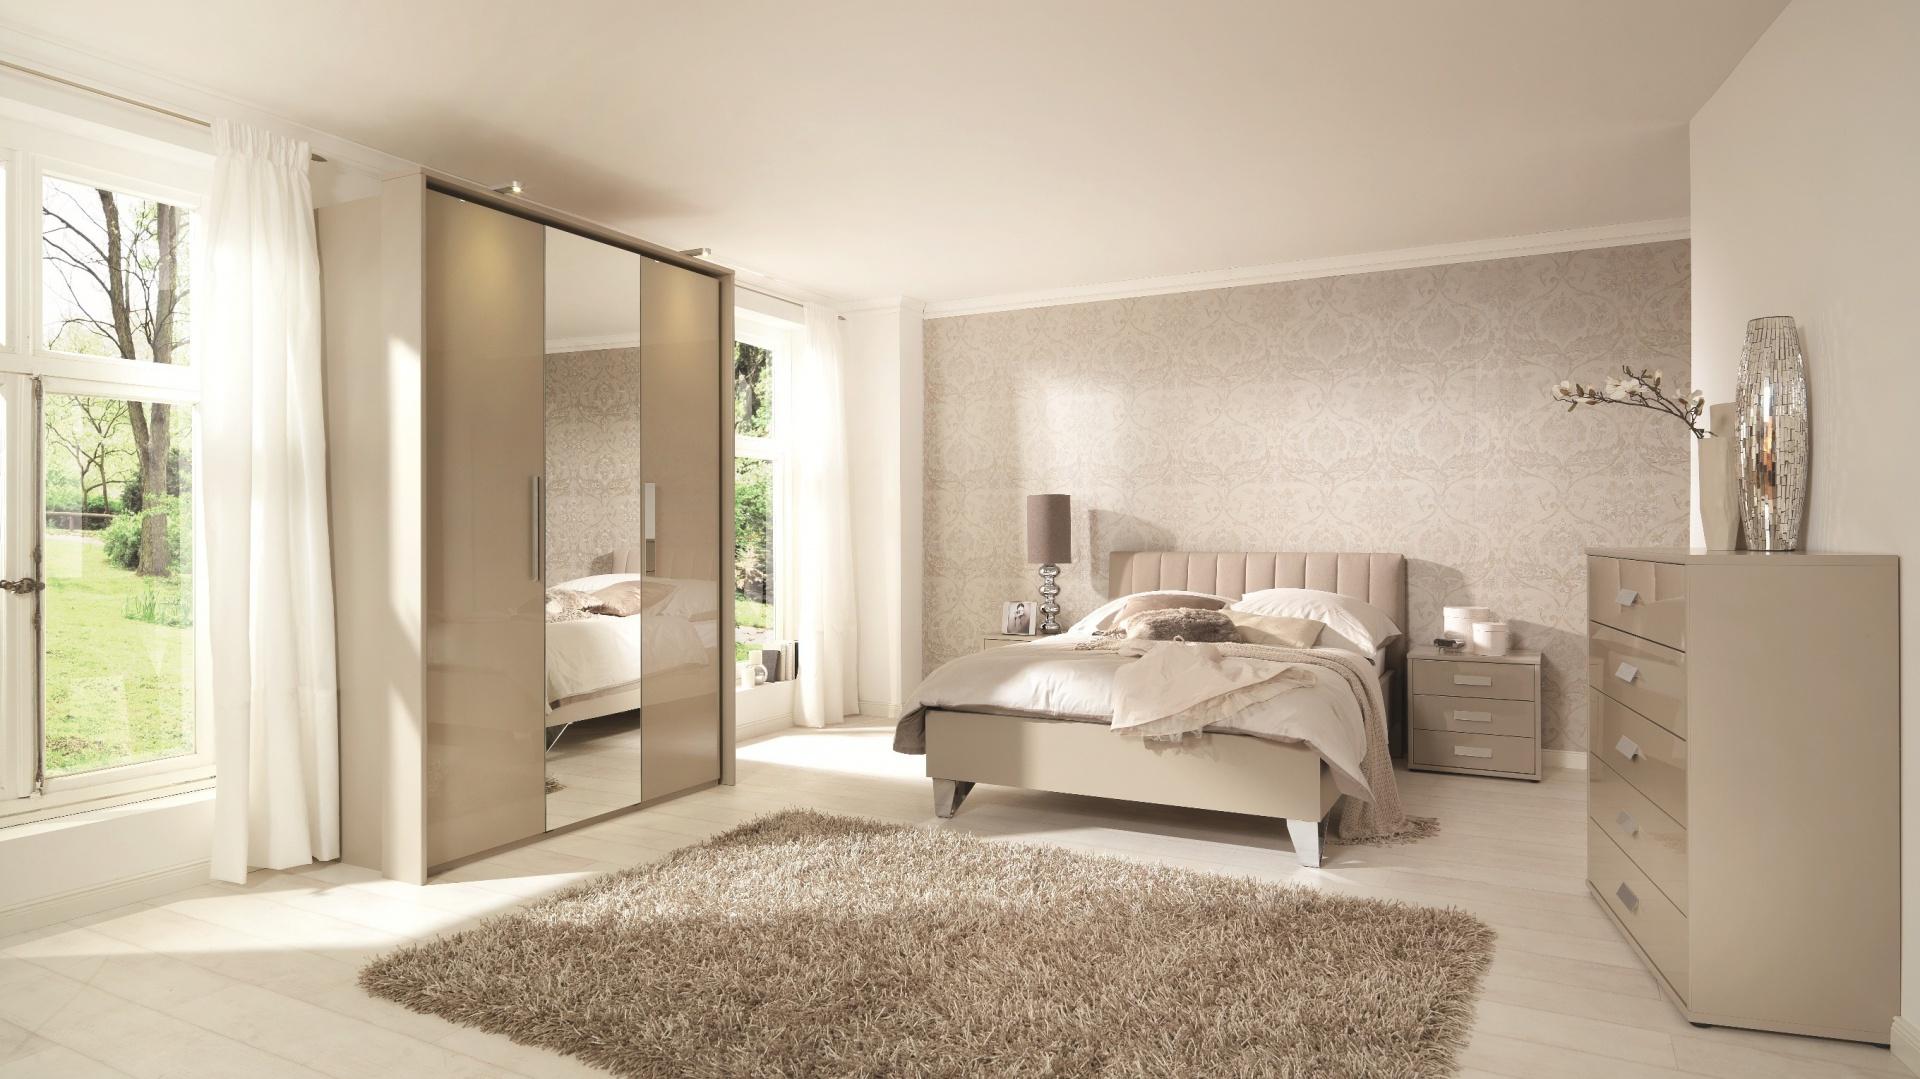 Ciepła Sypialnia Zobacz Jak Urządzić Przytulne Wnętrze